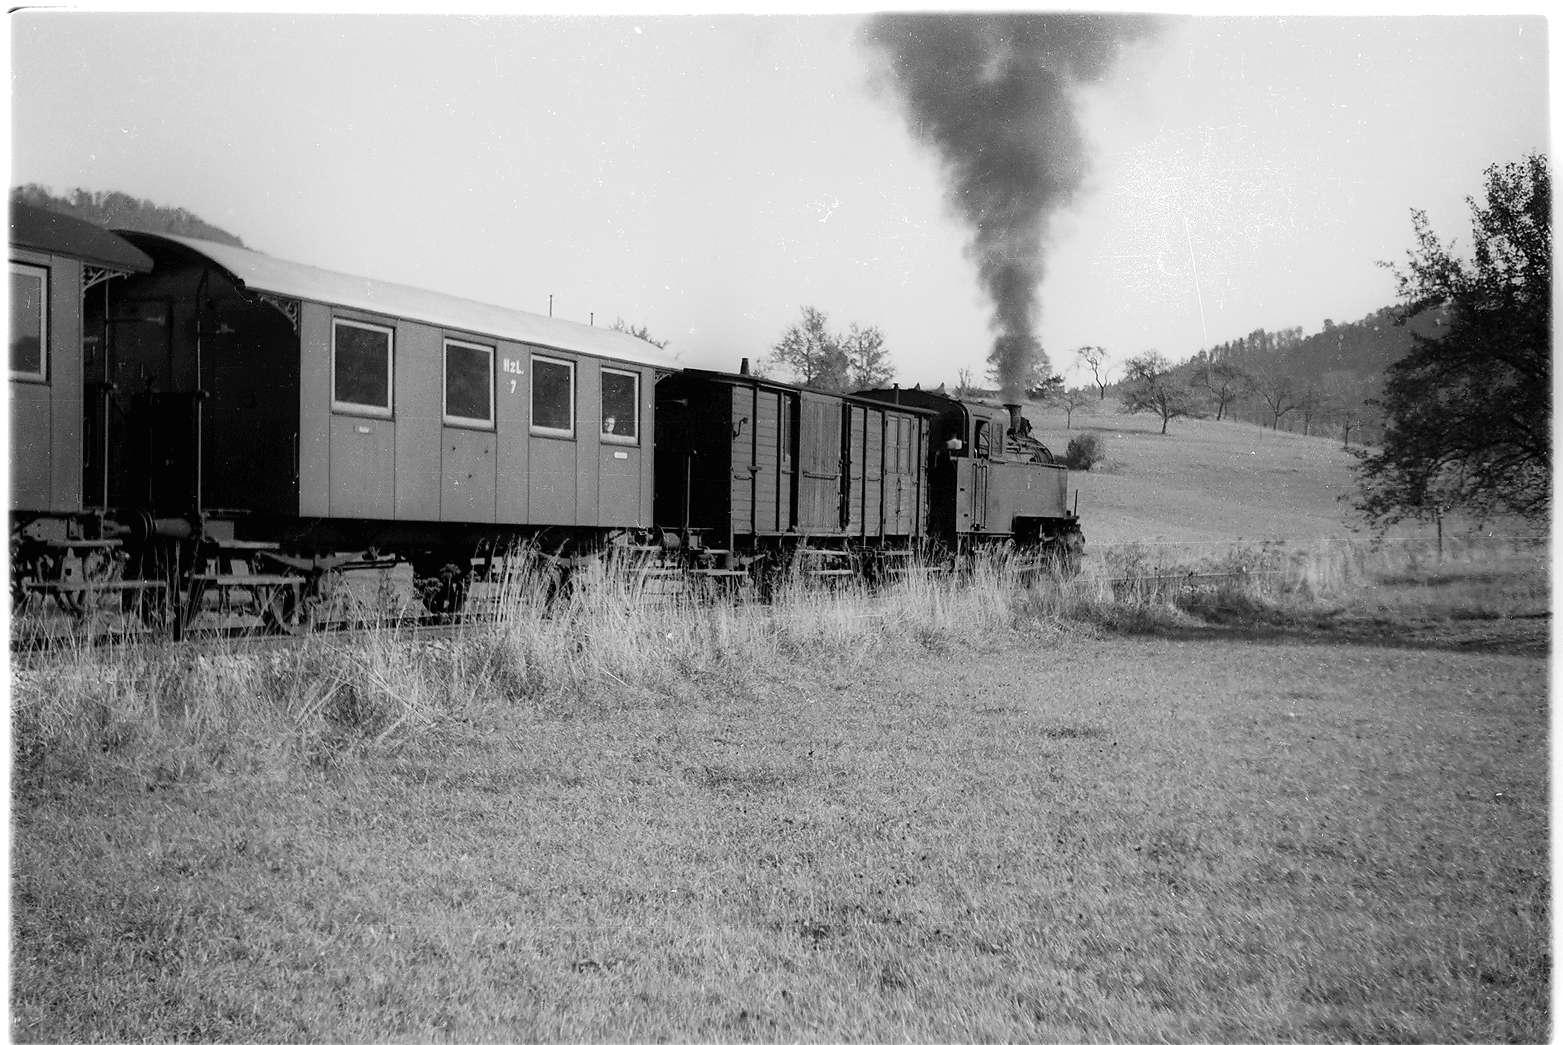 Strecke Jungingen - Killer, Lok 16, die Personenwagen von 1901 werden vom Berufsverkehr nach Gammertingen zurückgeführt, Bild 1